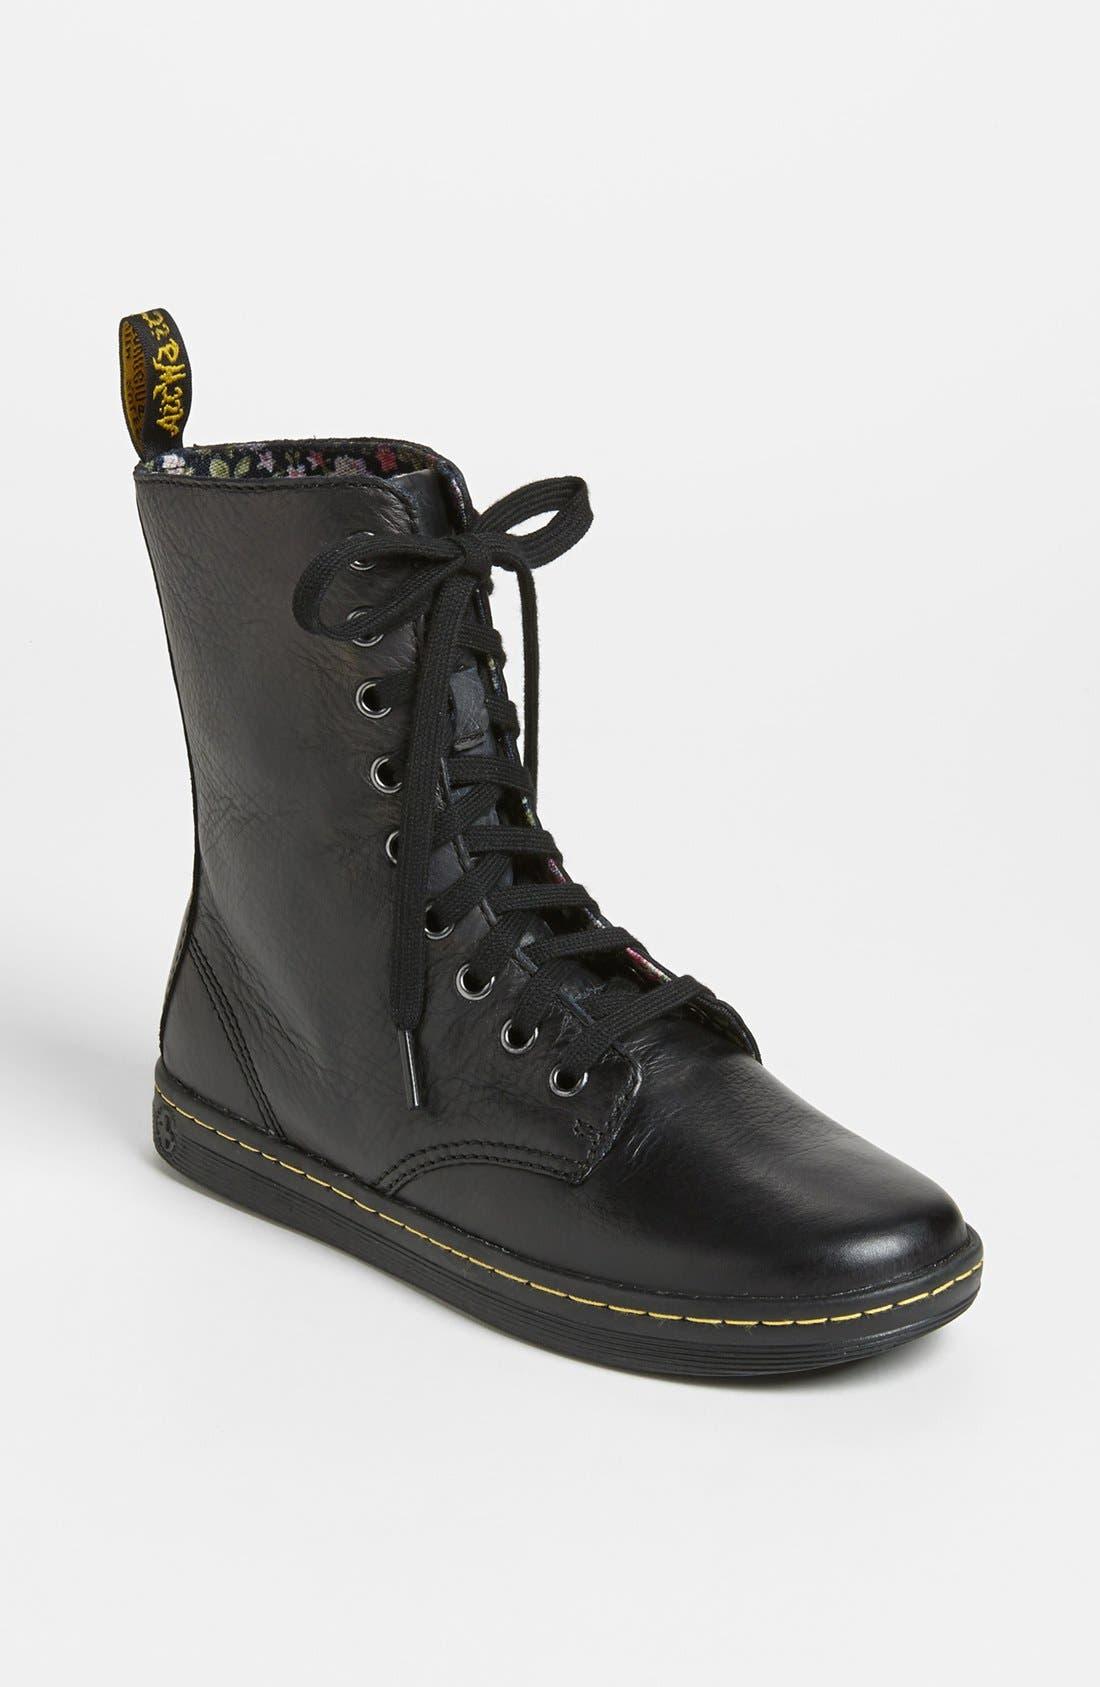 Alternate Image 1 Selected - Dr. Martens 'Stratford' Boot